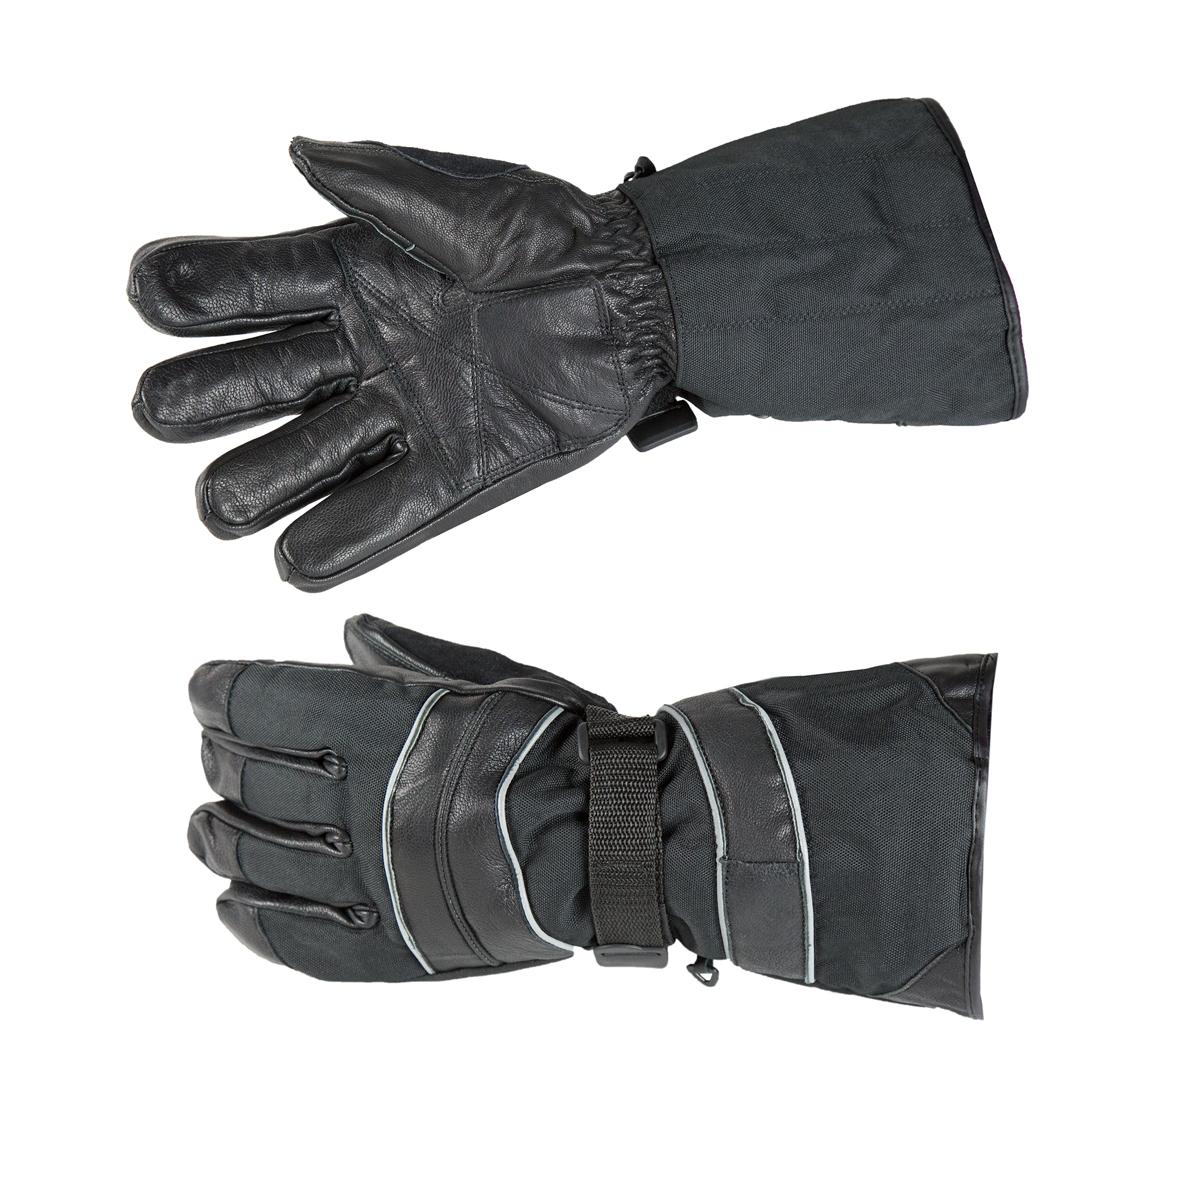 Raider, Adult PX7 Gauntlet Glove Winter Snow Snowmobile Glove